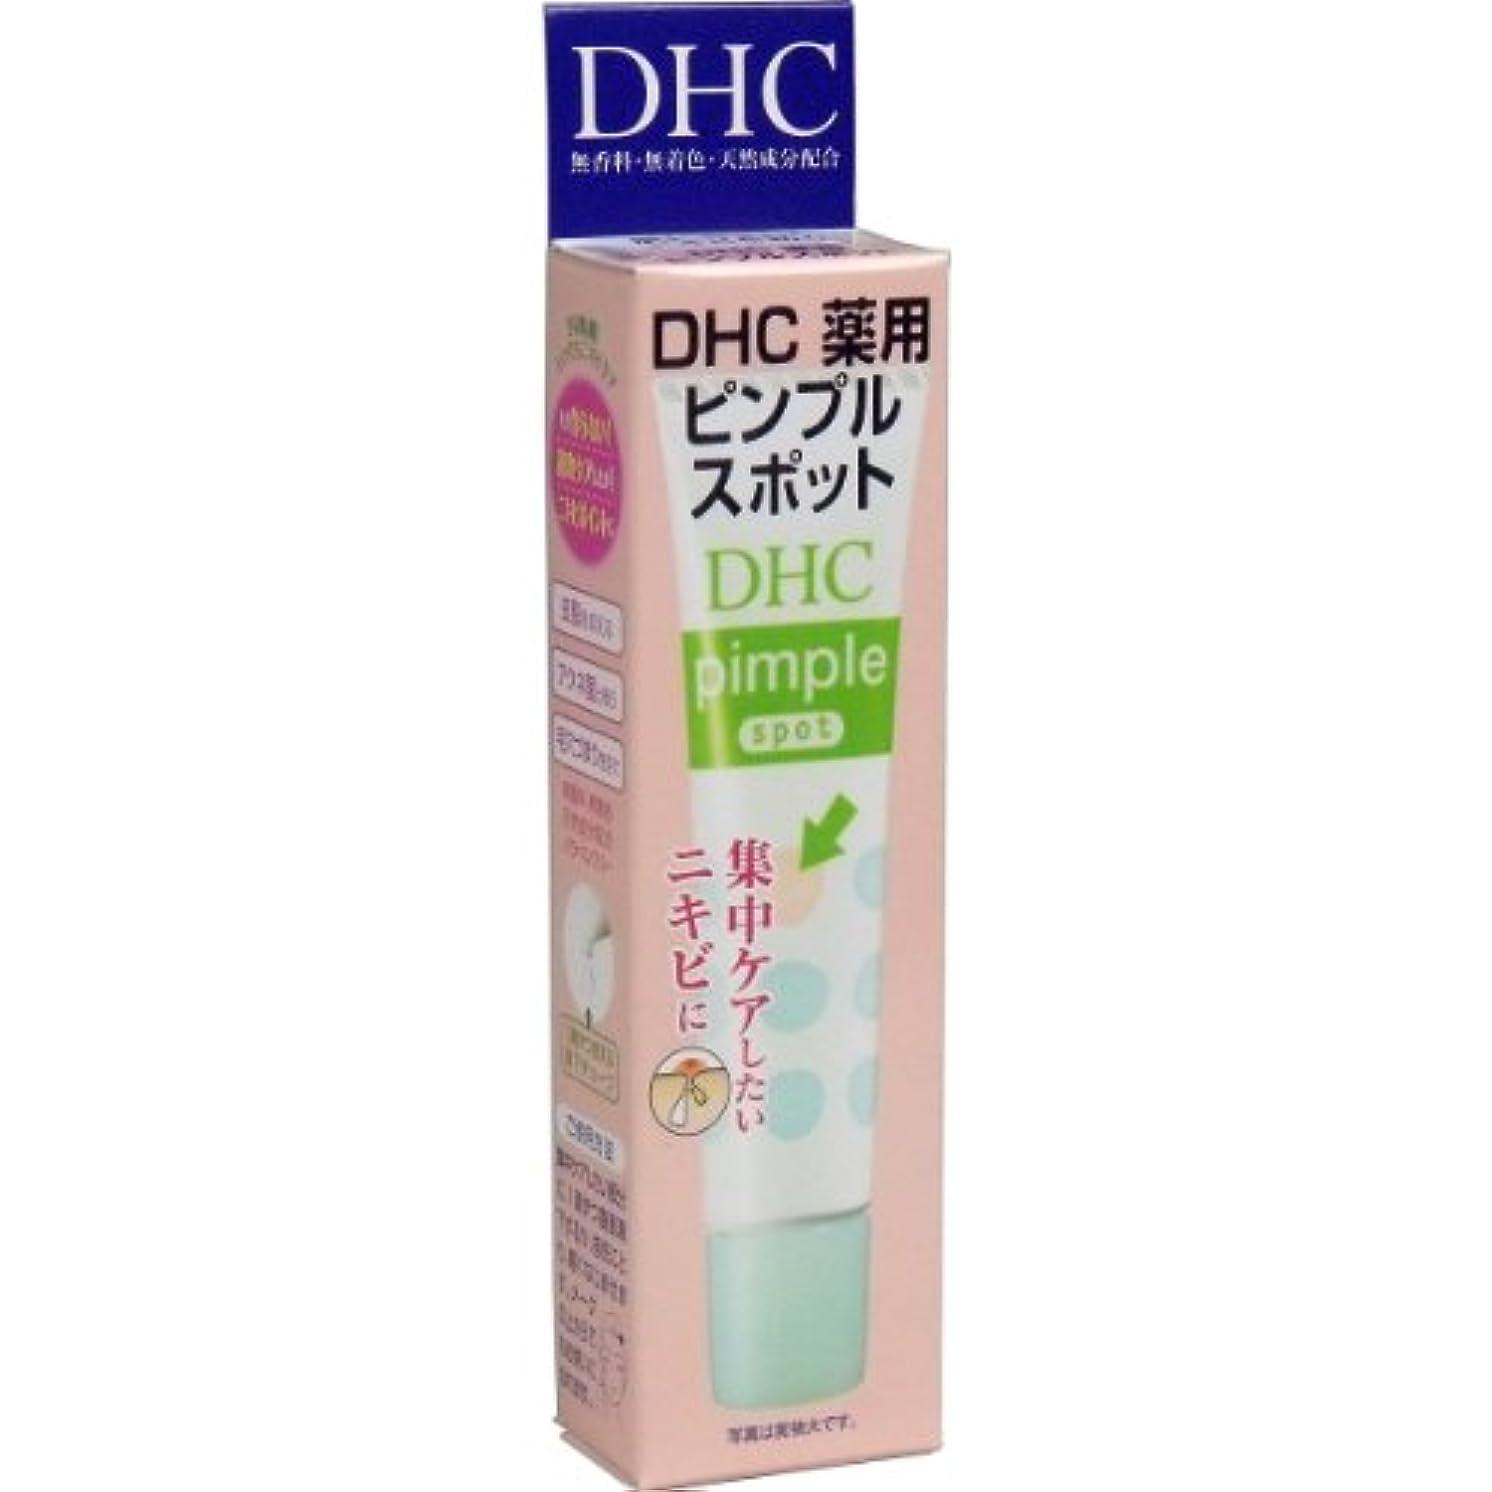 可聴天写真を描くDHC 薬用ピンプルスポット15ml